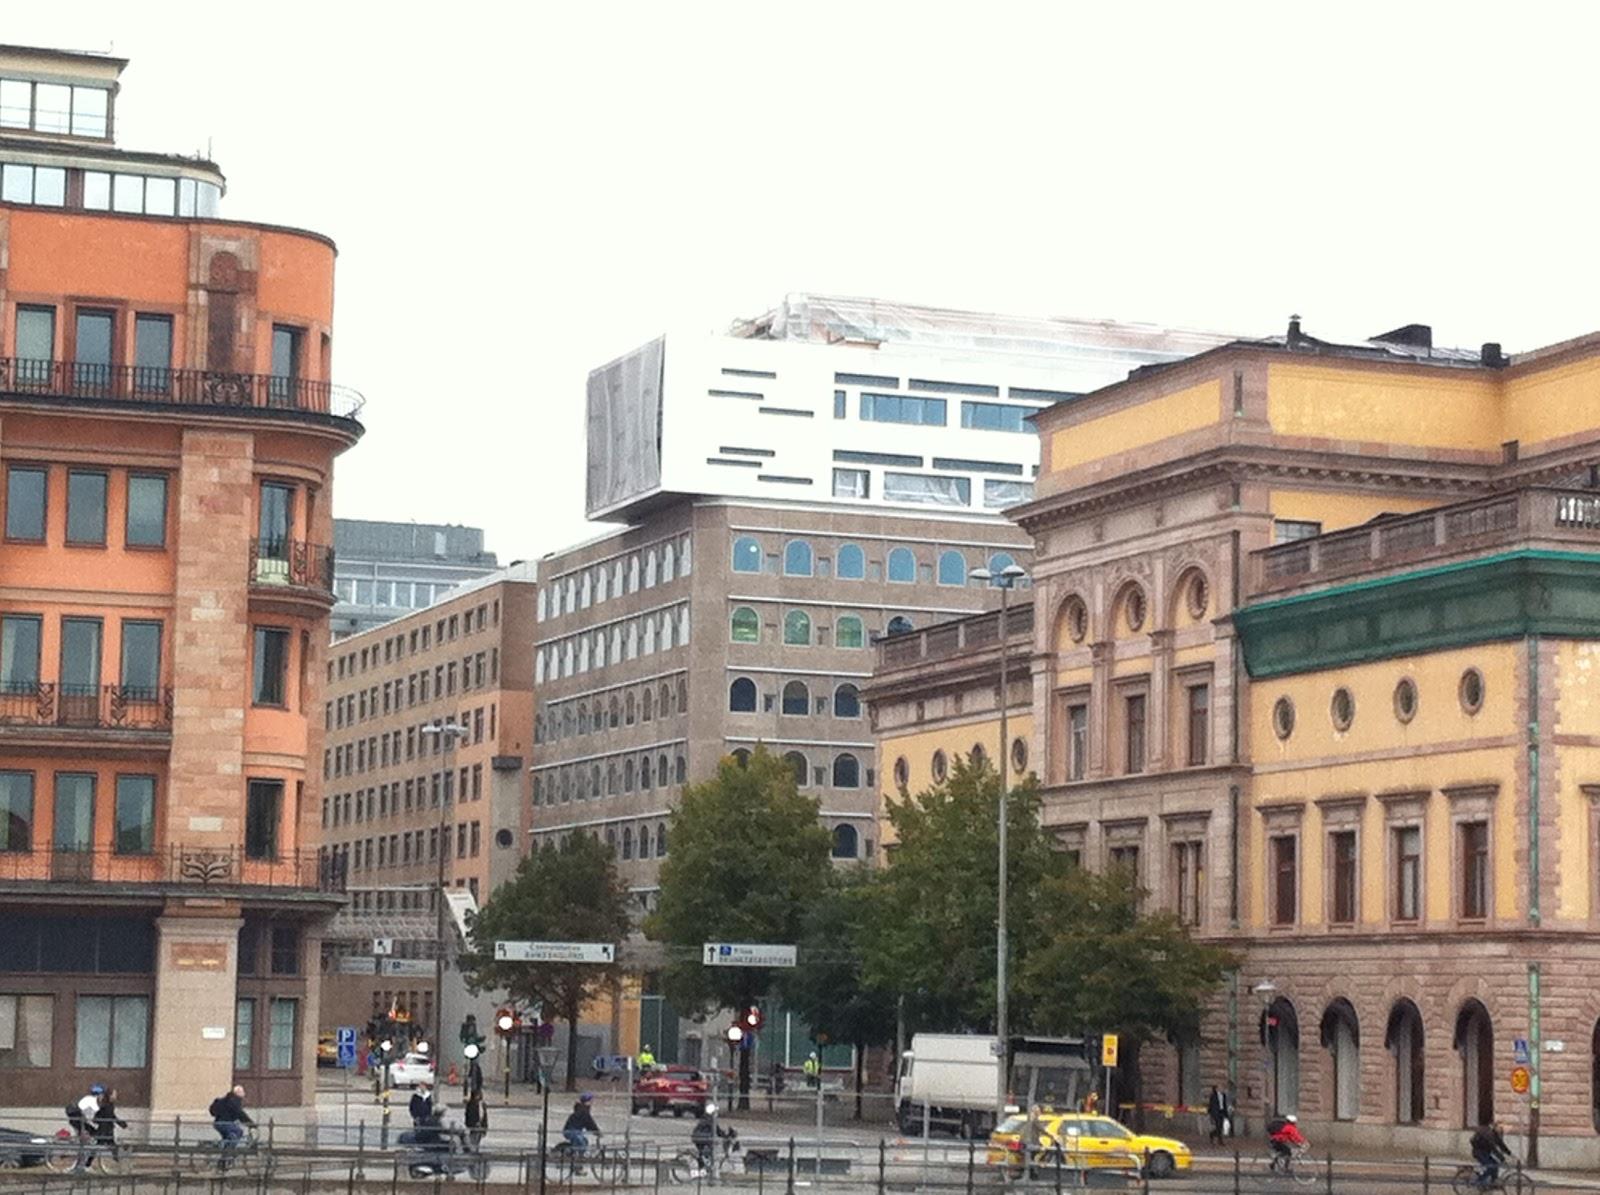 Jerker Söderlinds blogg – om stadsutveckling och samhällsbyggande